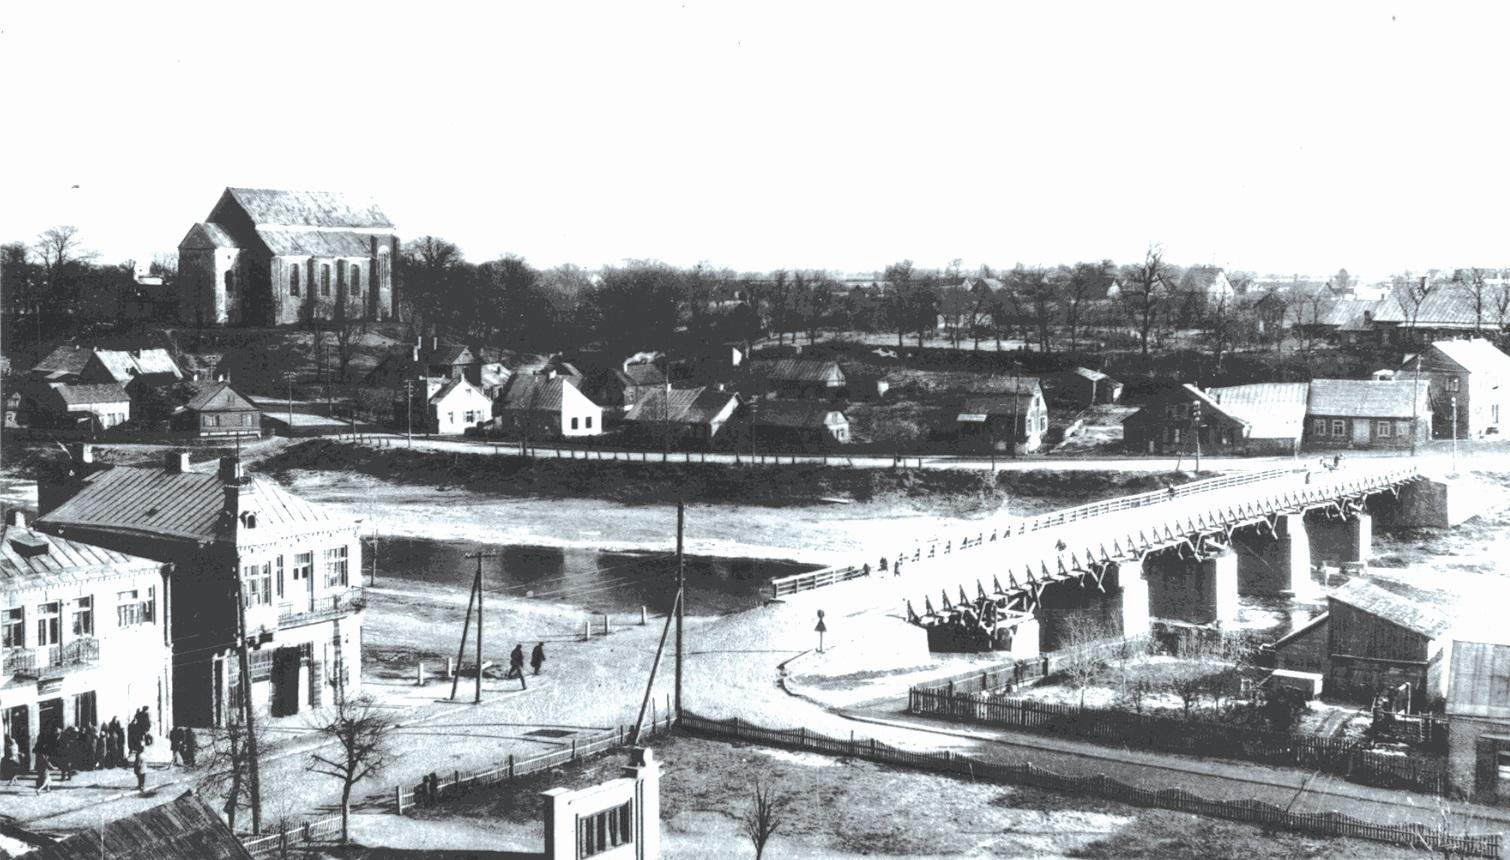 Paskutinė tilto nuotrauka. 1959 metų Henriko Grinevičius nuotrauka